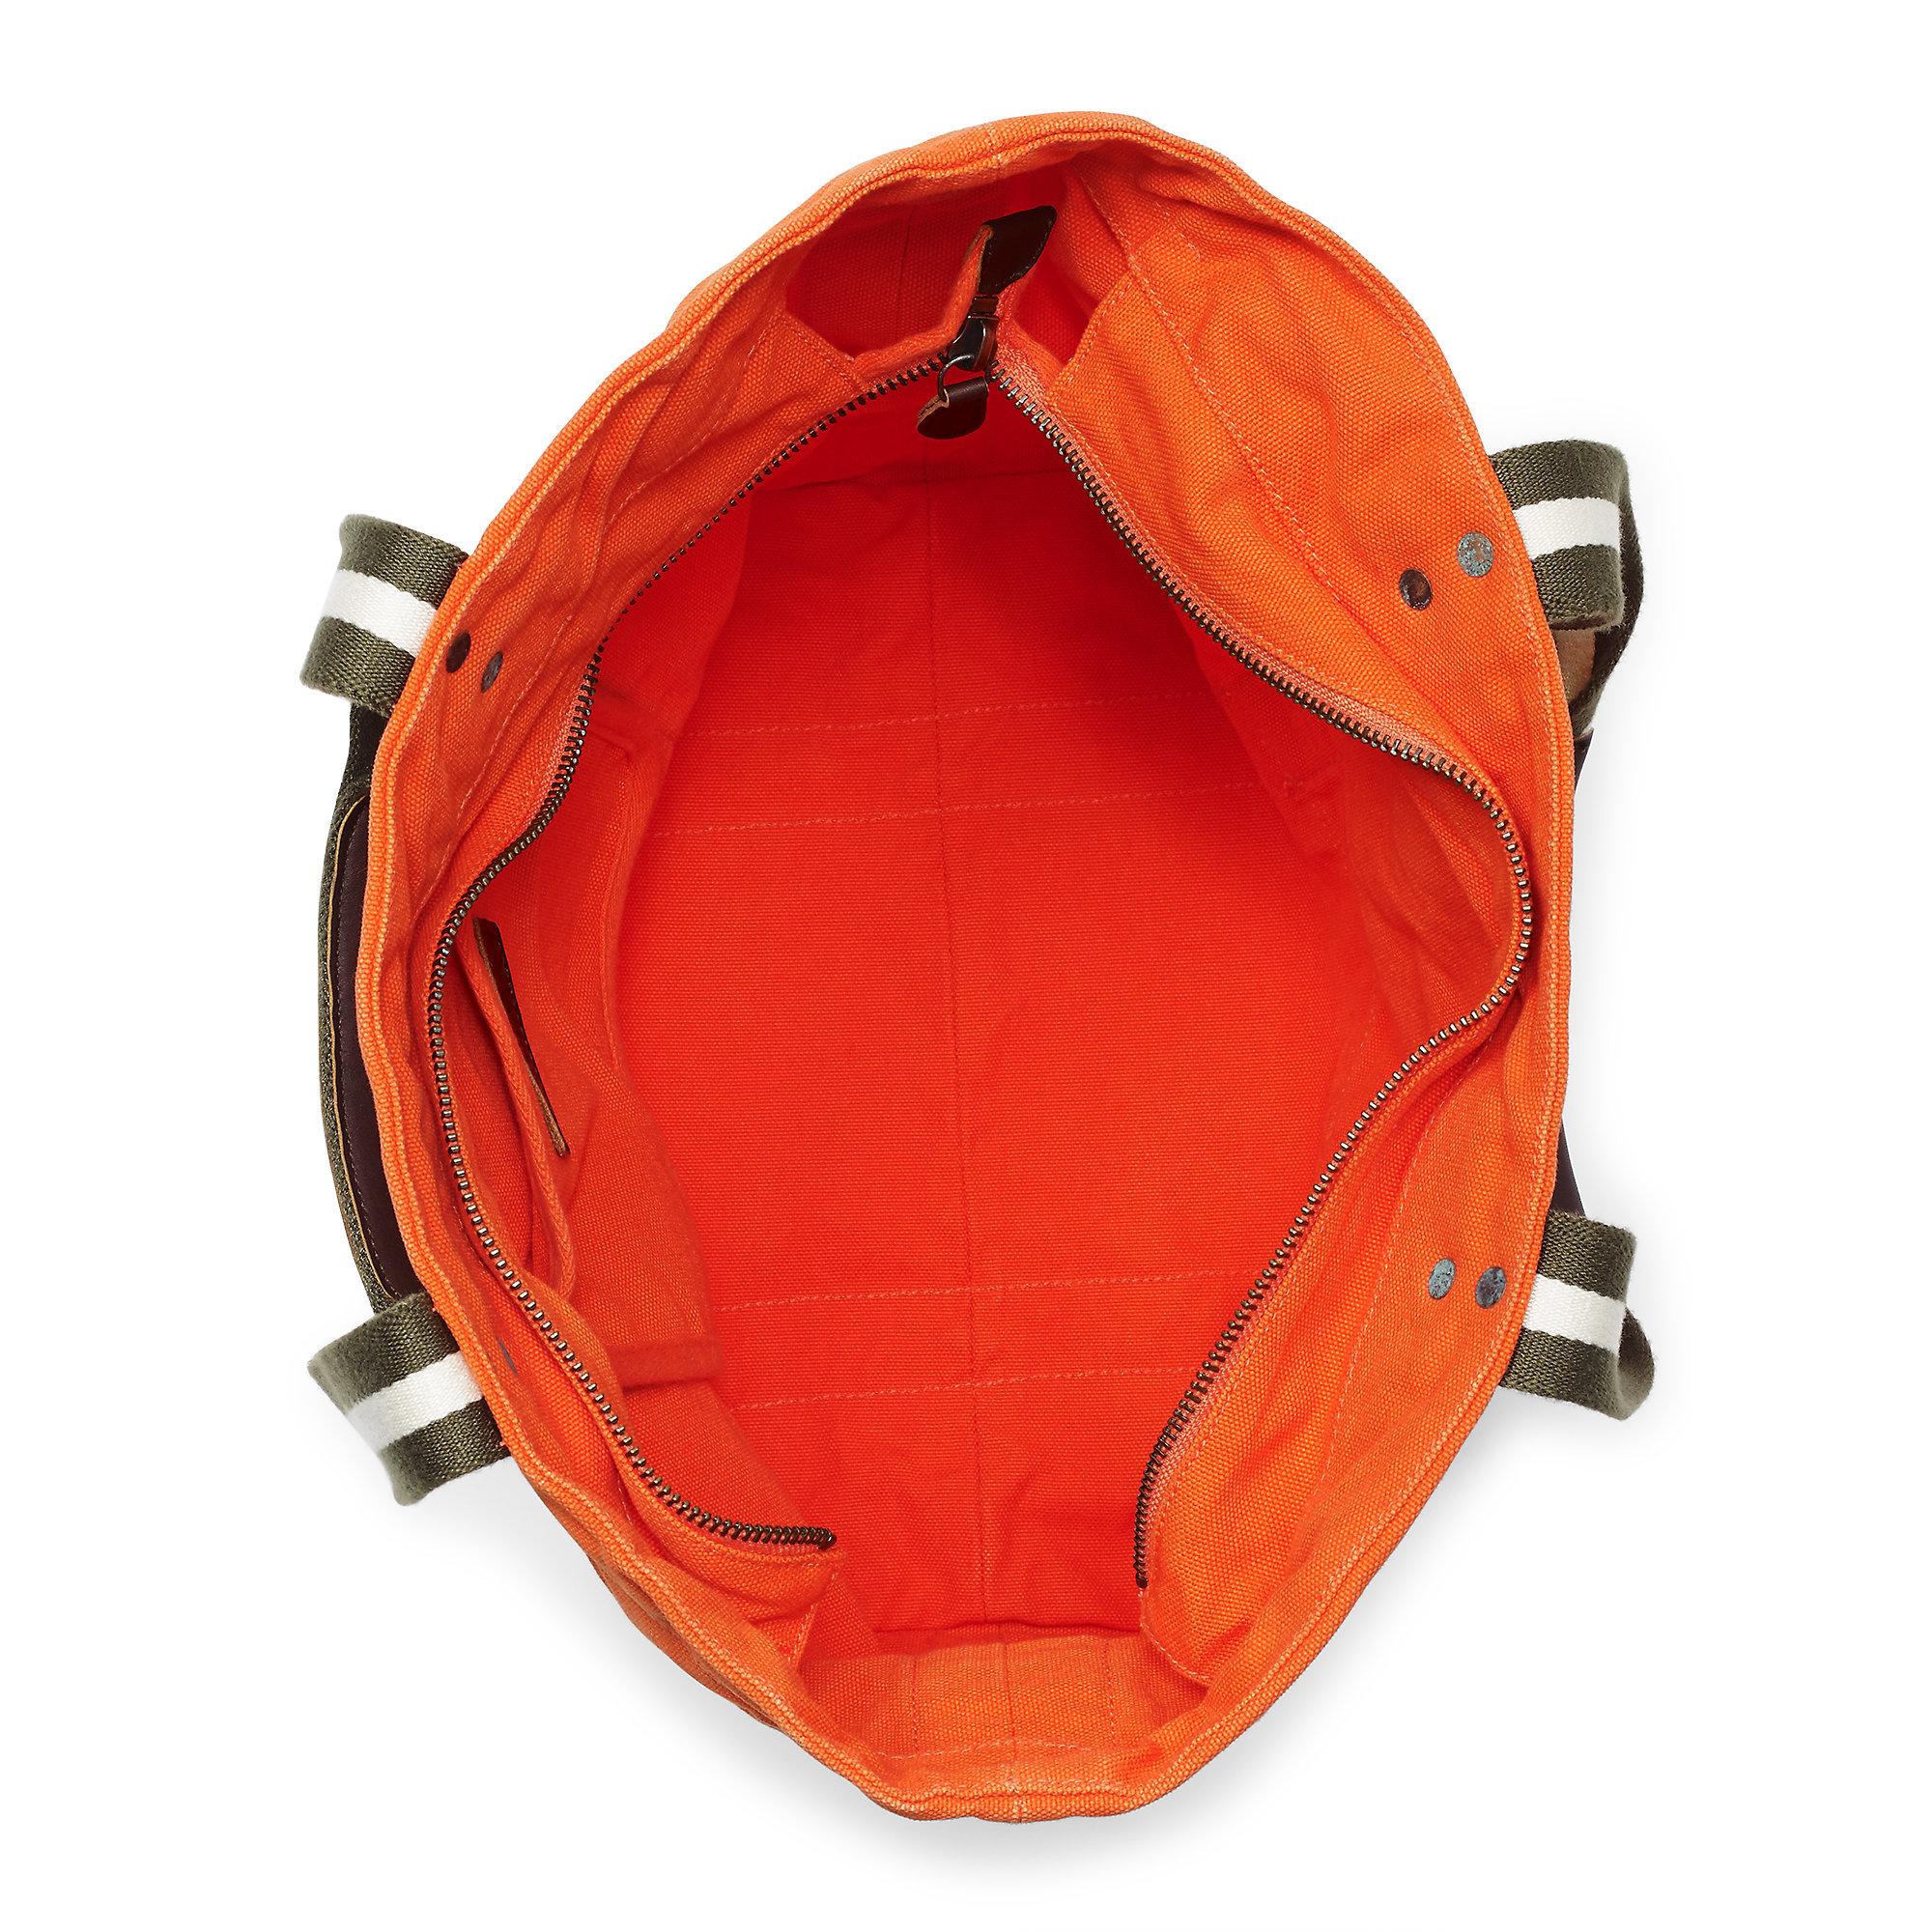 Ralph Lauren Pony Slim Handbag Red Canvas - Jaimonvoyage.com 37d6a0e20dc5f